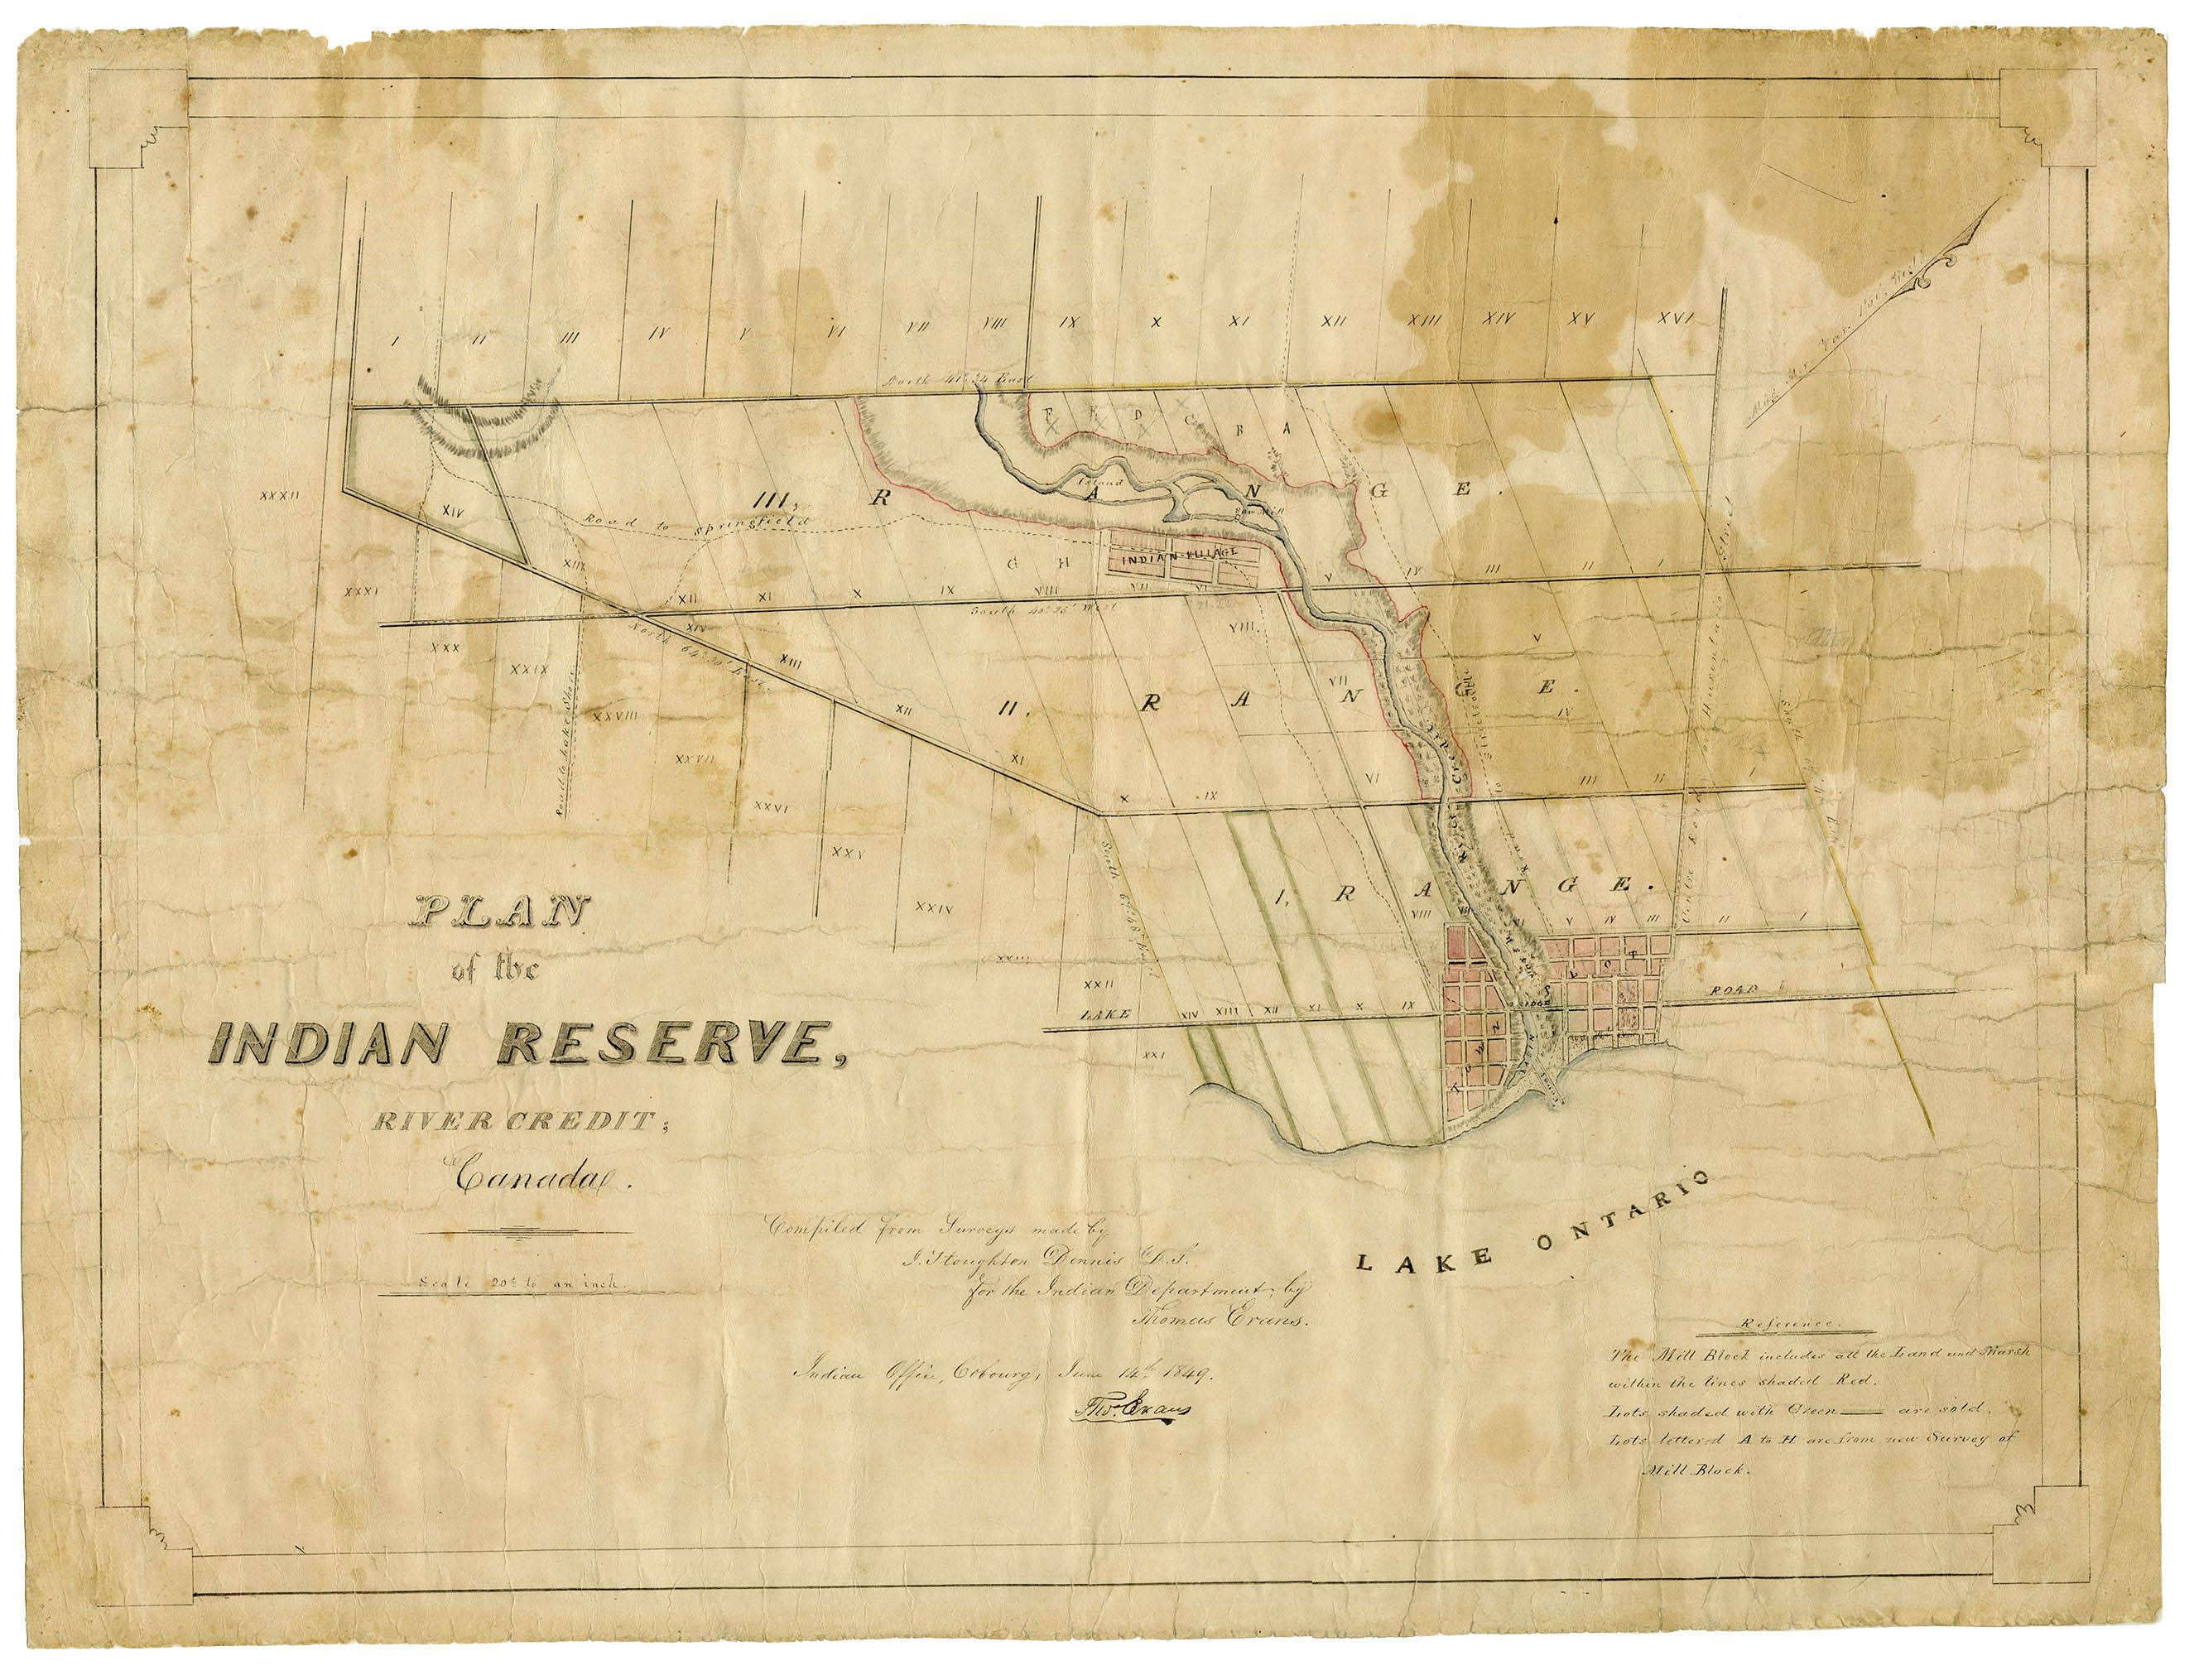 Réserve indienne de la rivière Credit